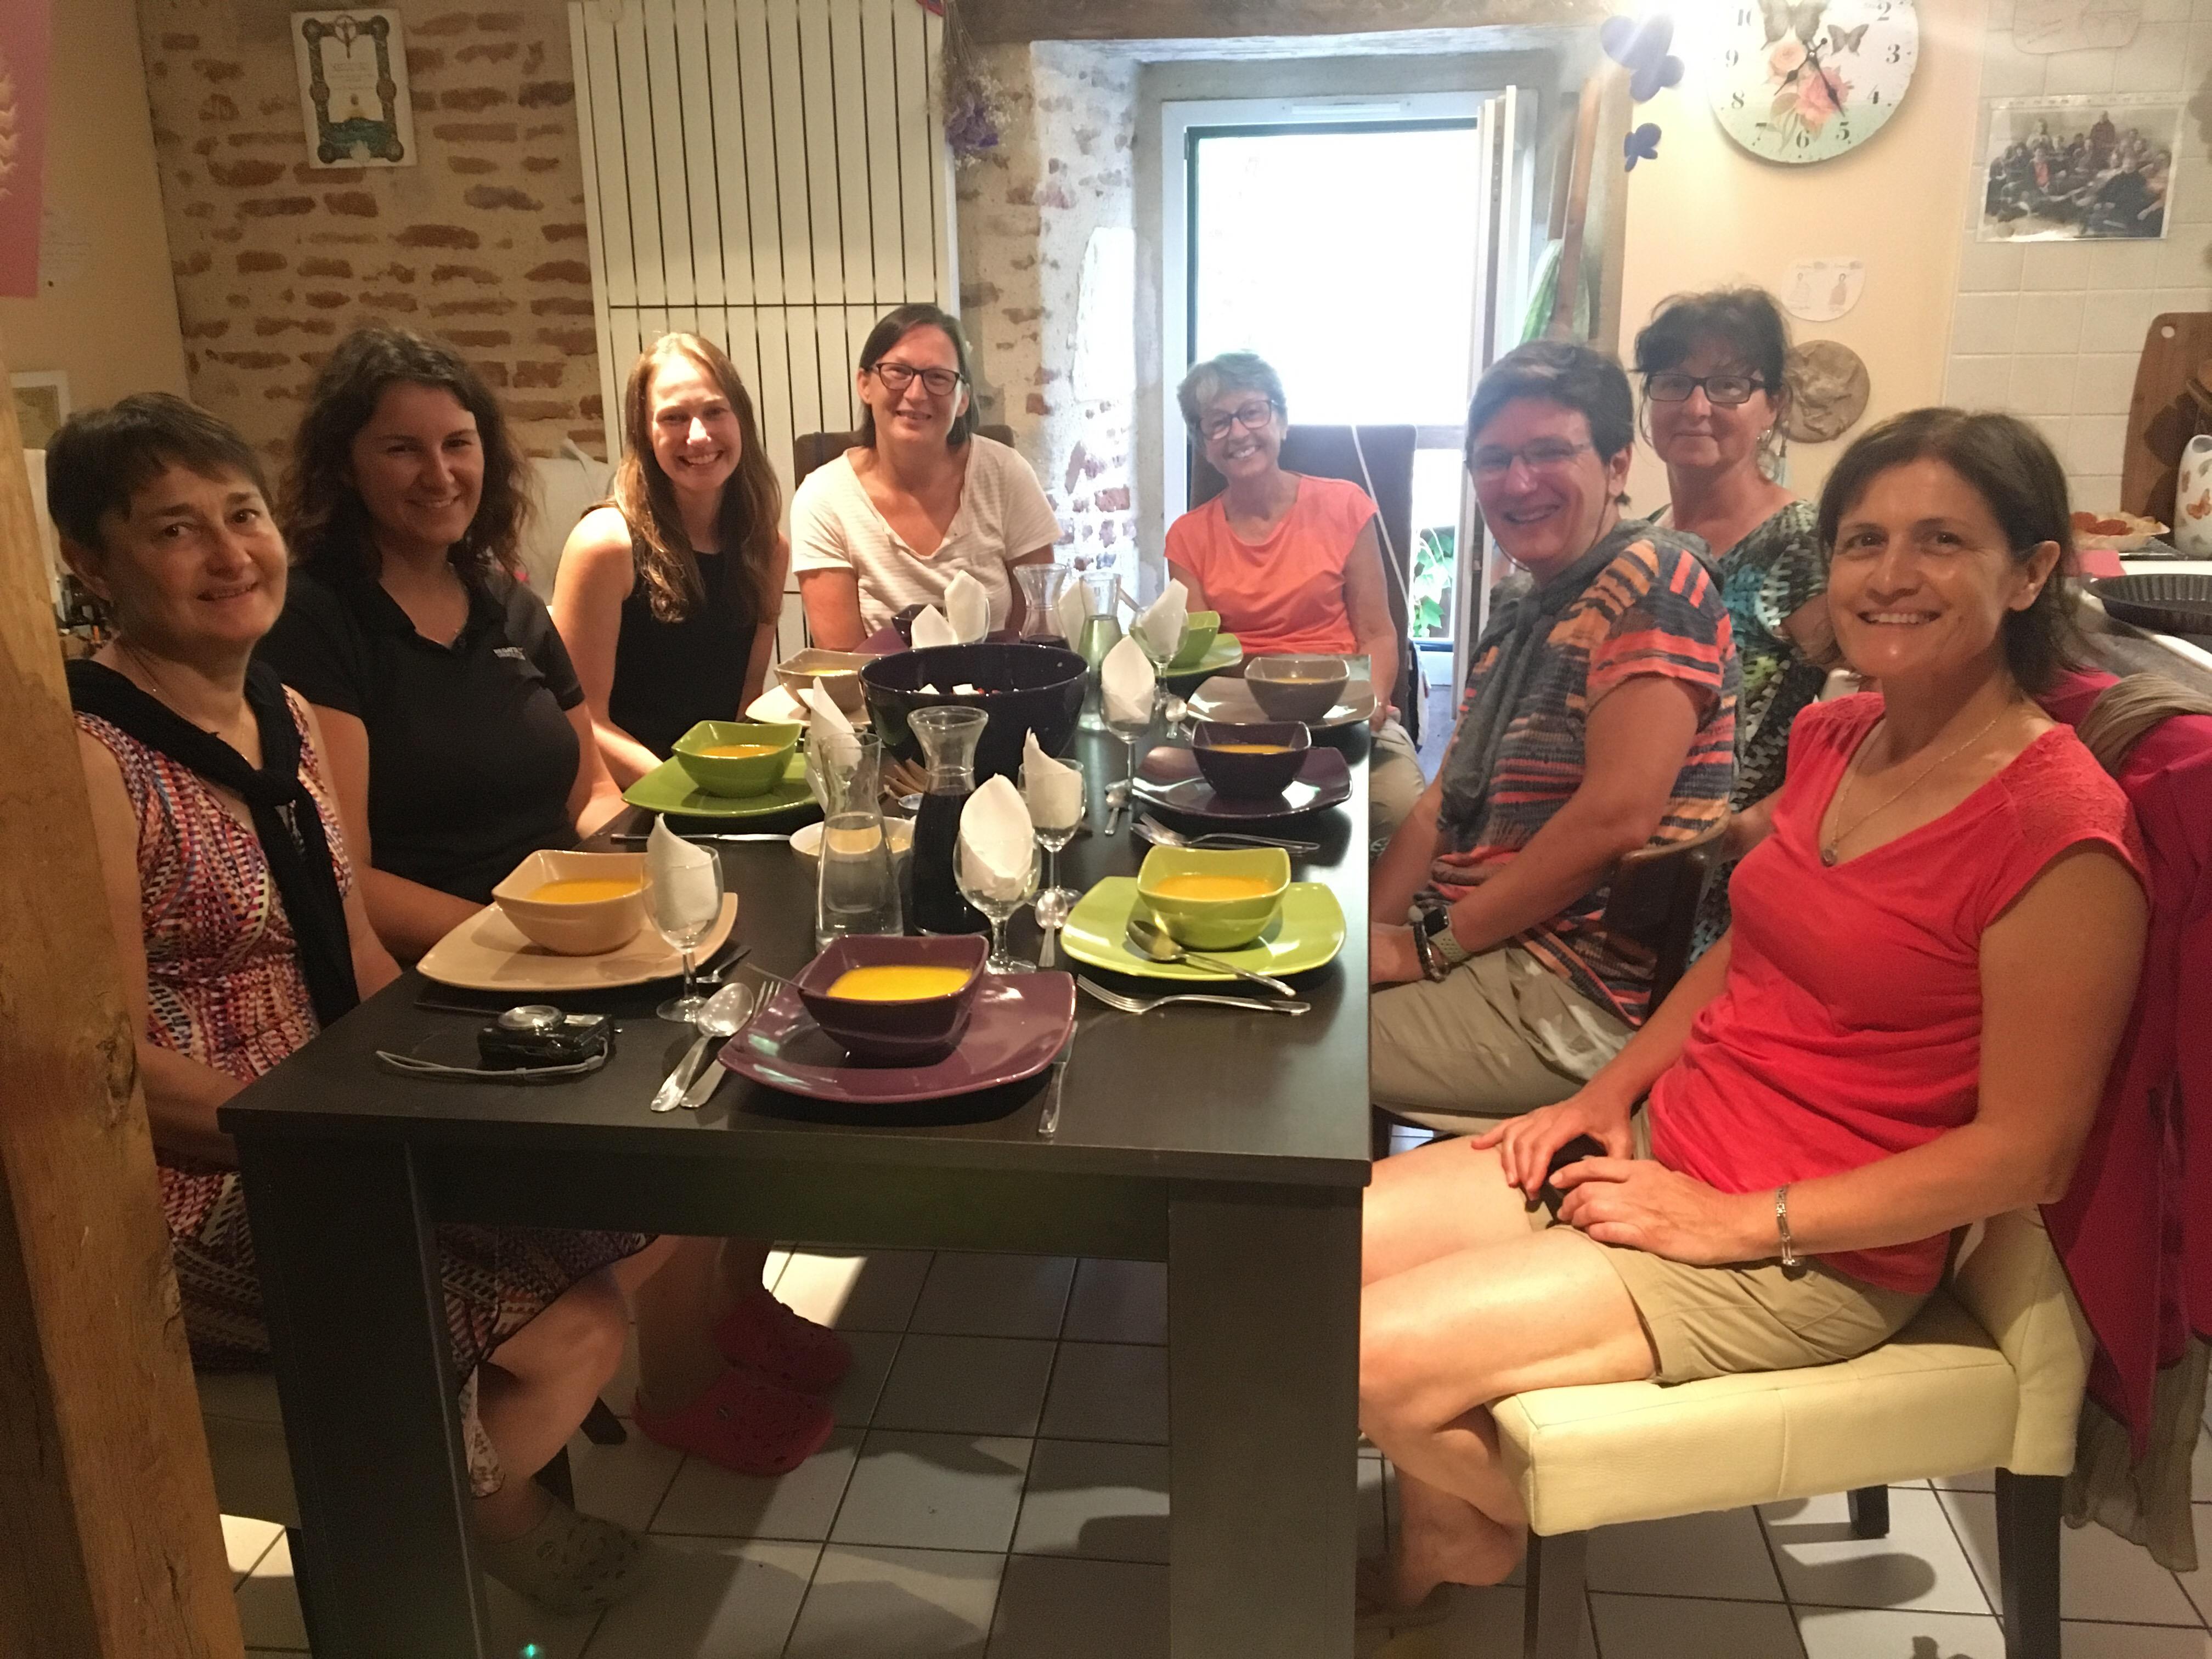 Gîte communal dinner, Le Papillon Vert, Chemin du Puy